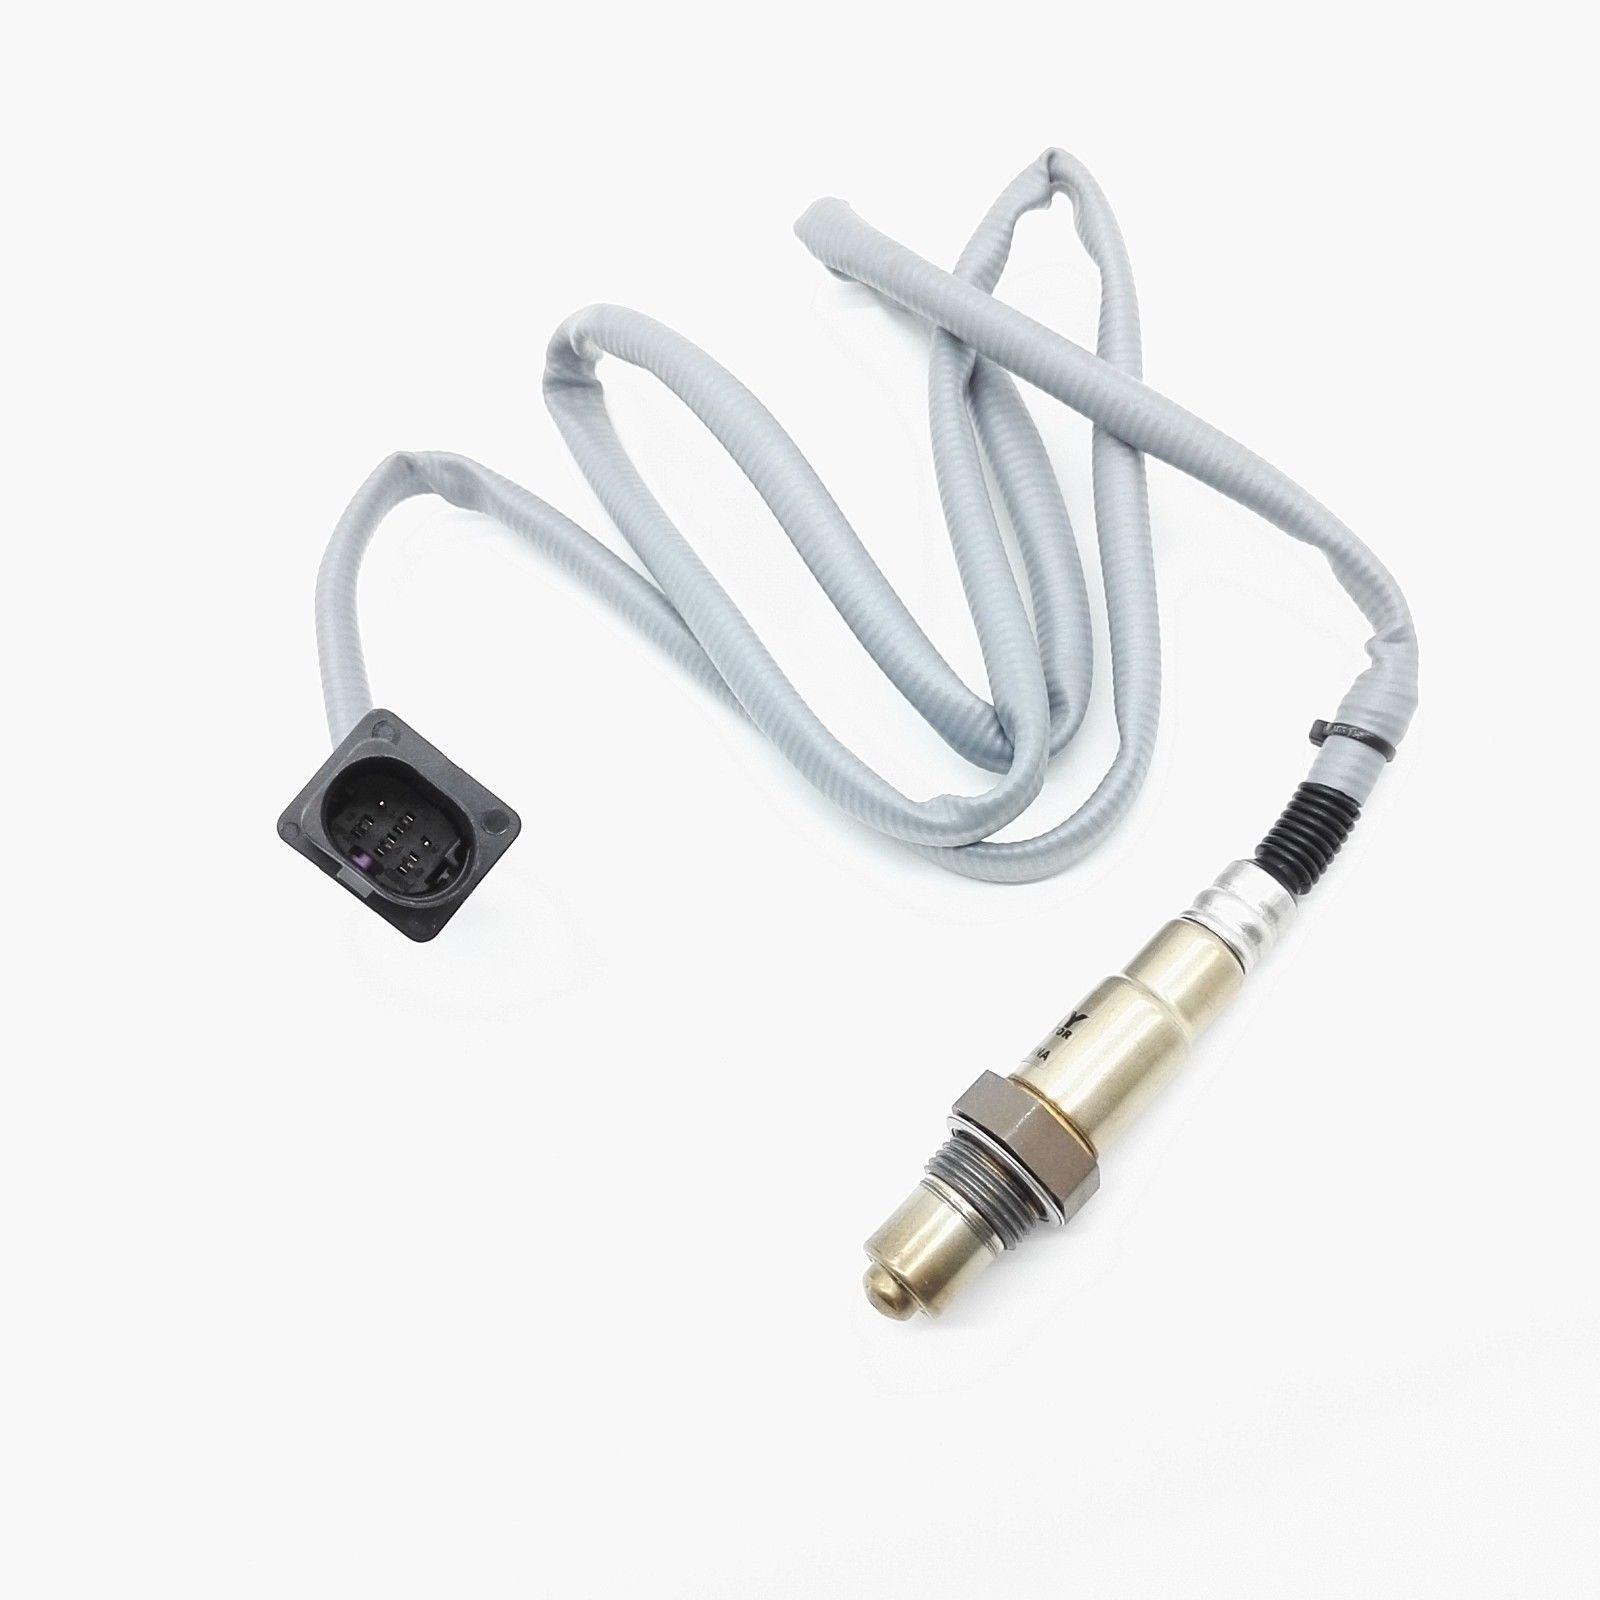 Front//Rear Oxygen Sensor For Hyundai Sonata Kia Magentis Rondo Lexus ES300 ES330